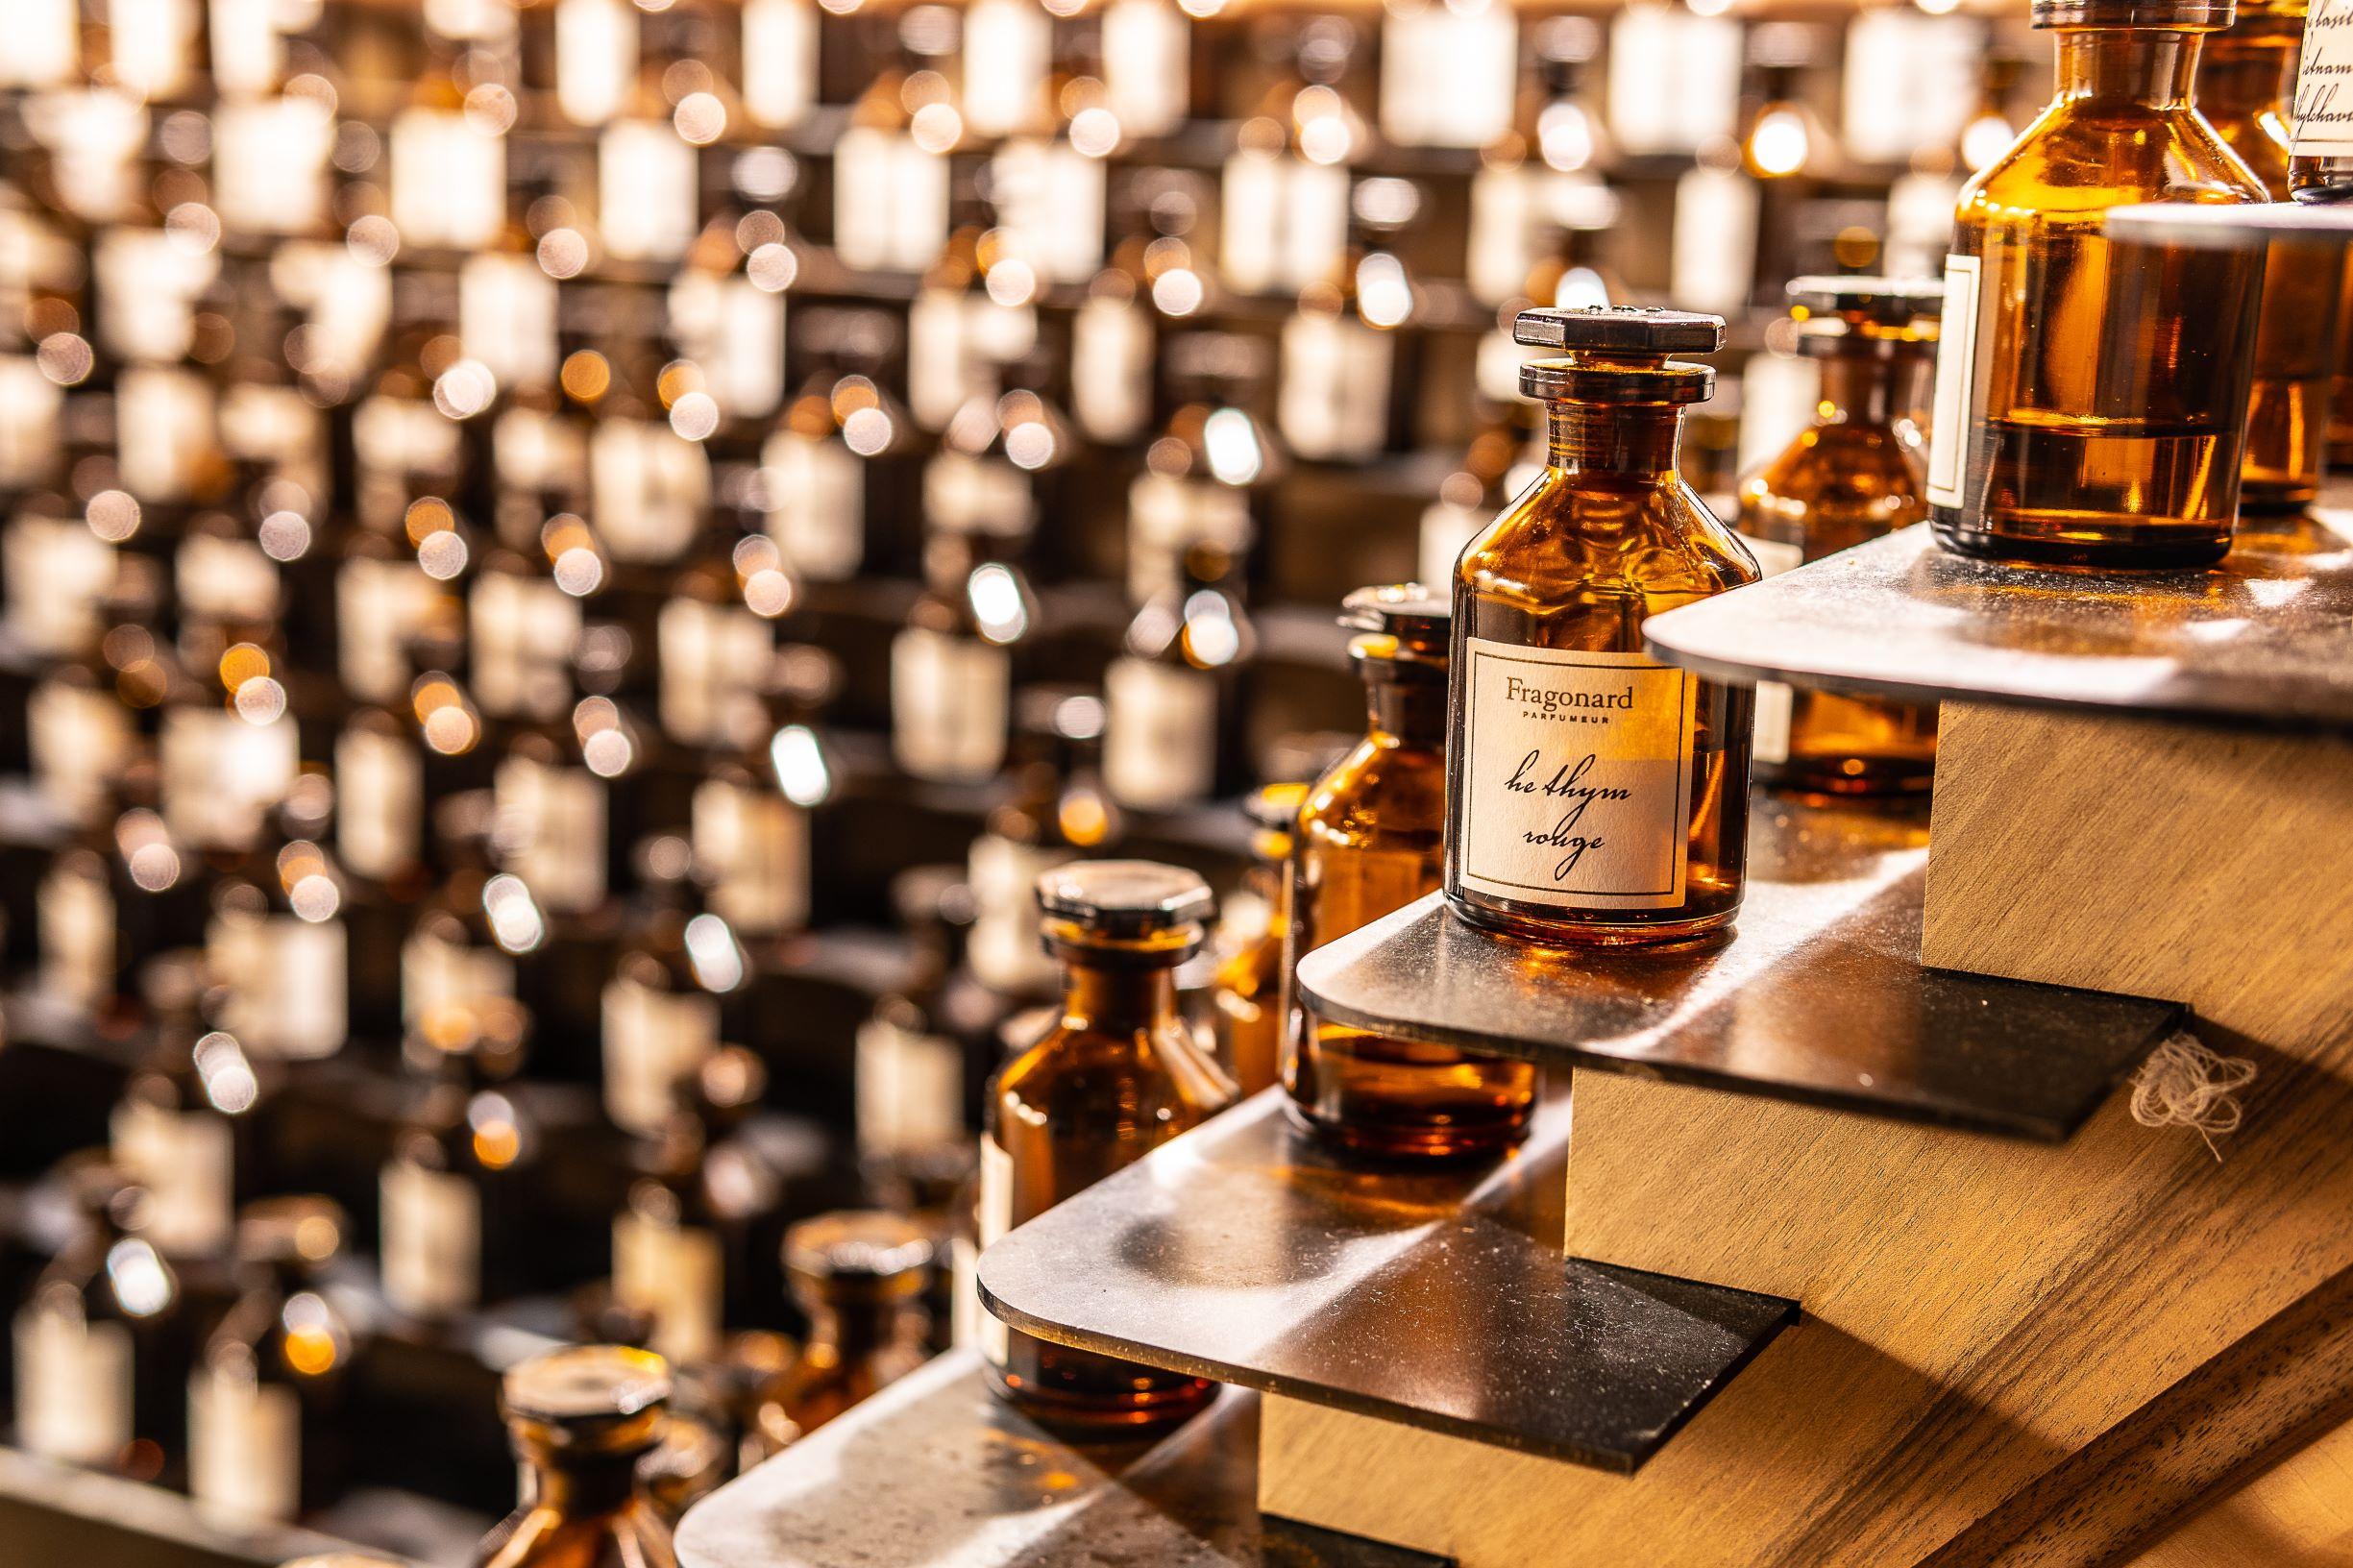 Le logo olfactif: un puissant catalyseur d'émotions